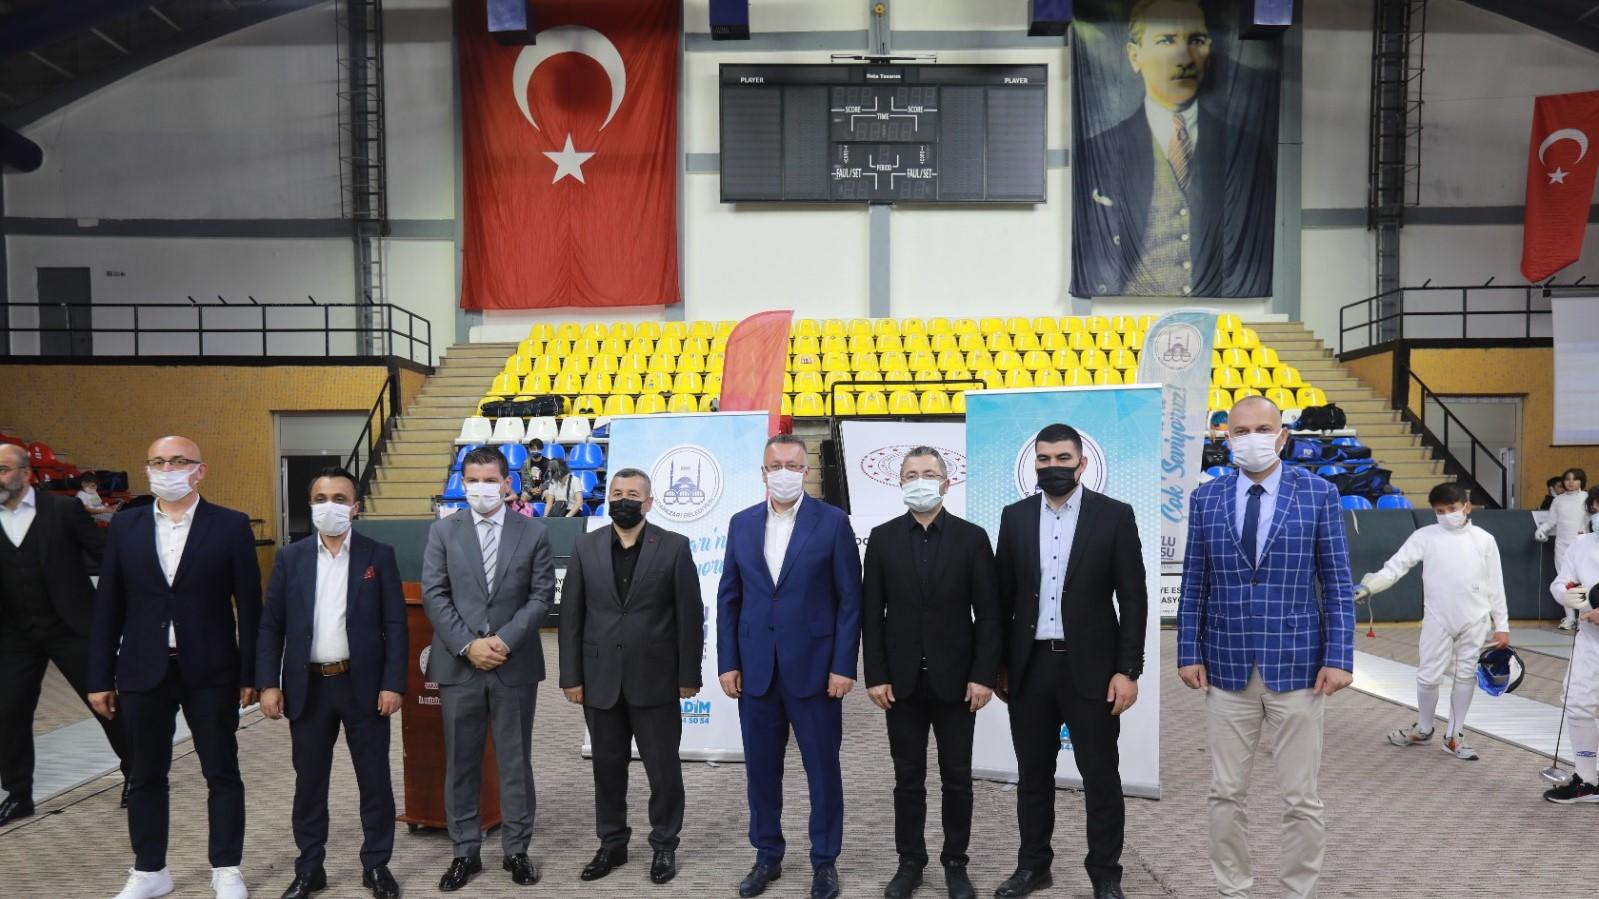 """Adapazarı'nın Kurtuluşunun 100. Yılı: """"Eskrim Türkiye Şampiyonası coşkuyla başladı"""""""